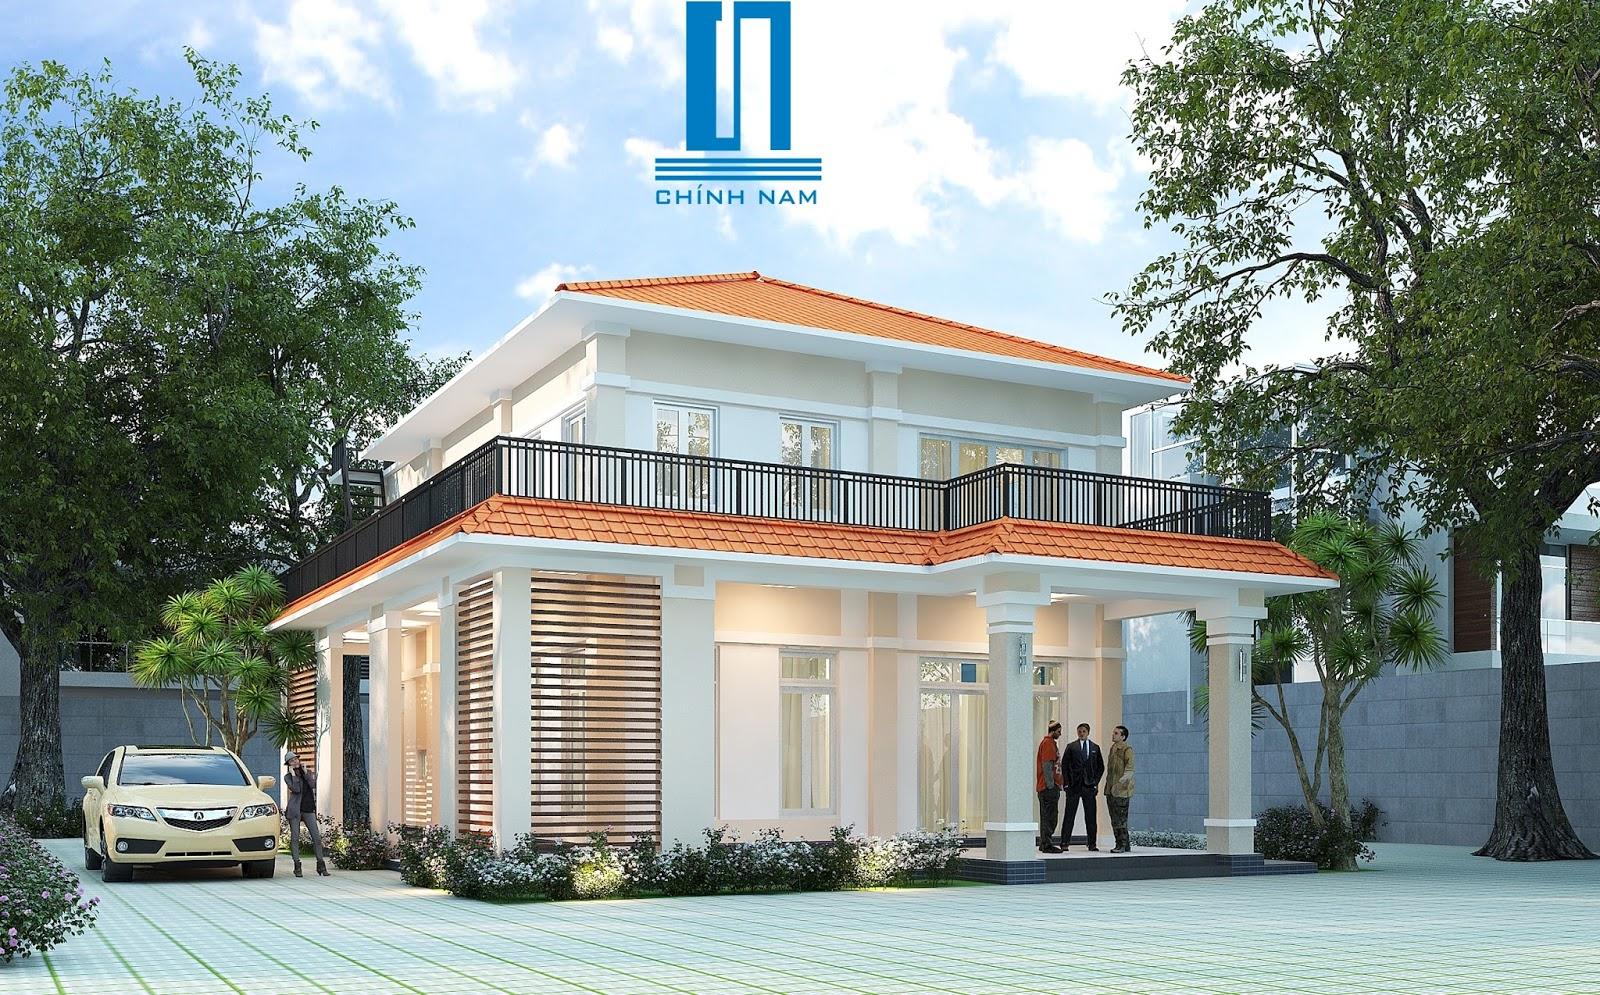 Thiết kế nhà chú Chính ở Tân Vạn, Biên Hòa, Đồng Nai